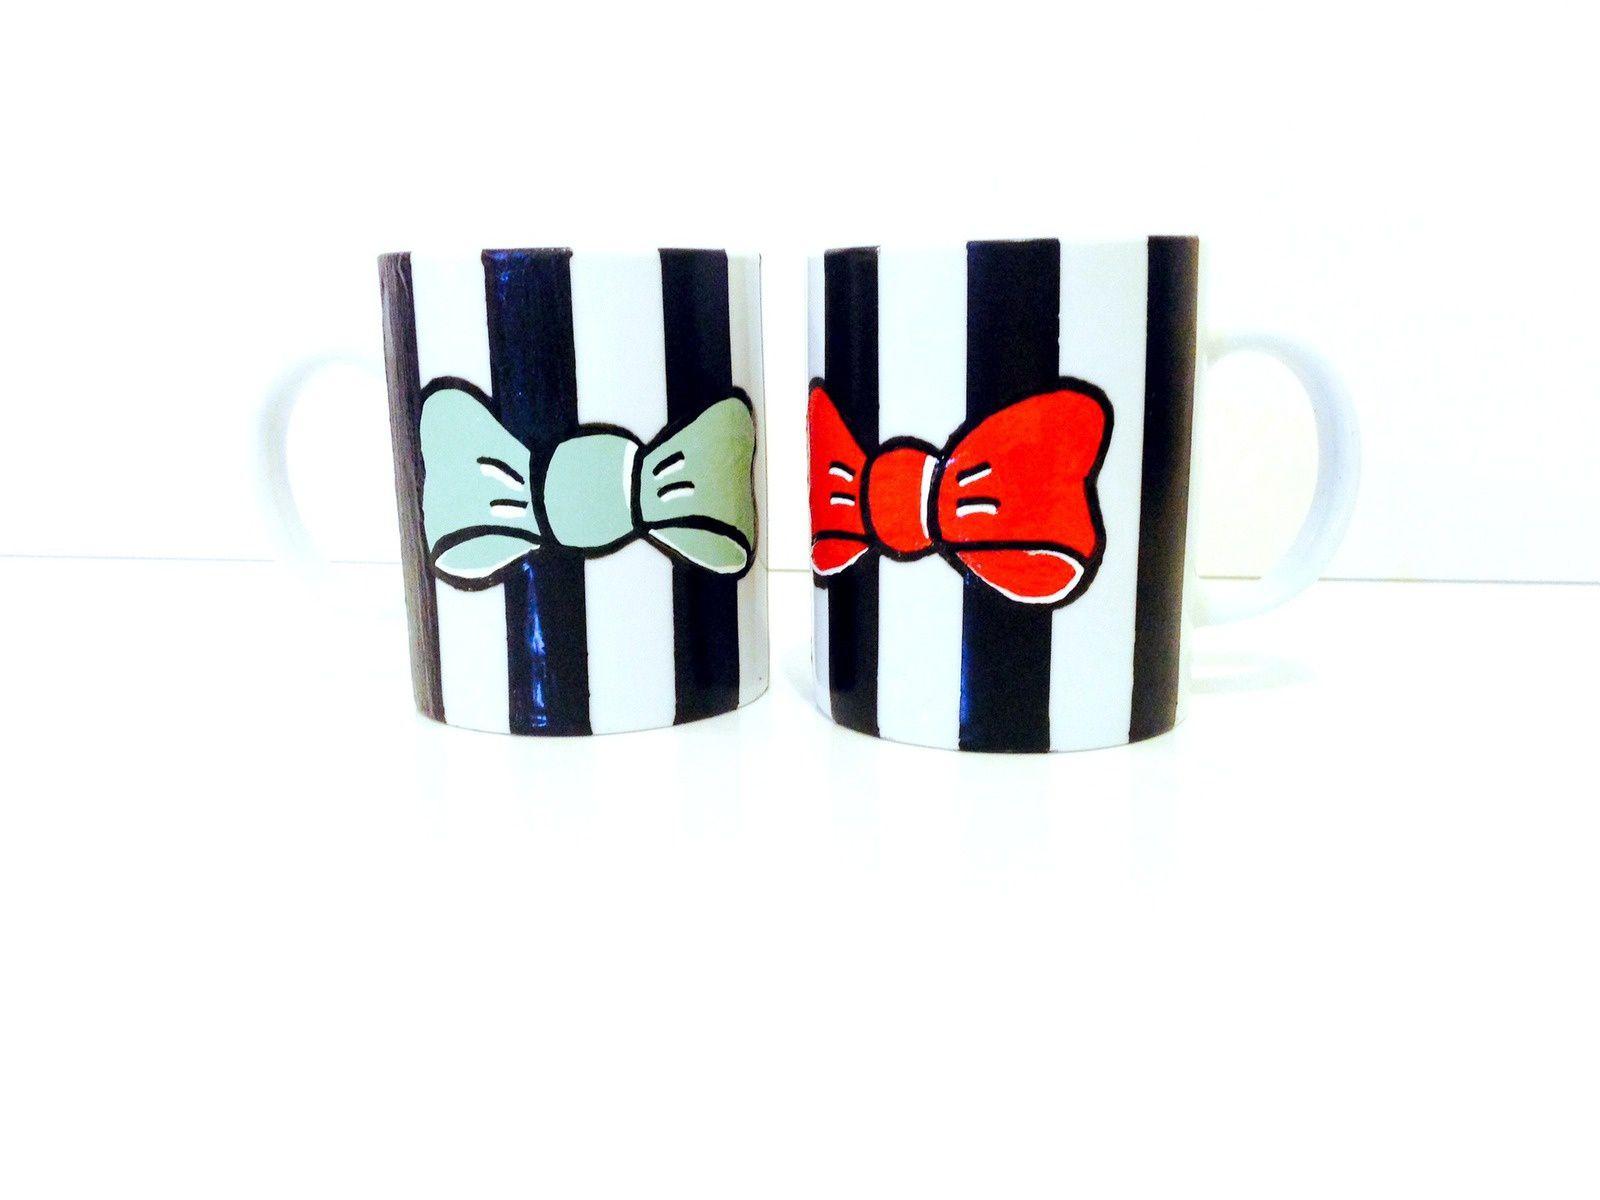 Tasses Graphiques Noir et Blanc, menthe et corail, en vente 30€. © SophieLDesign